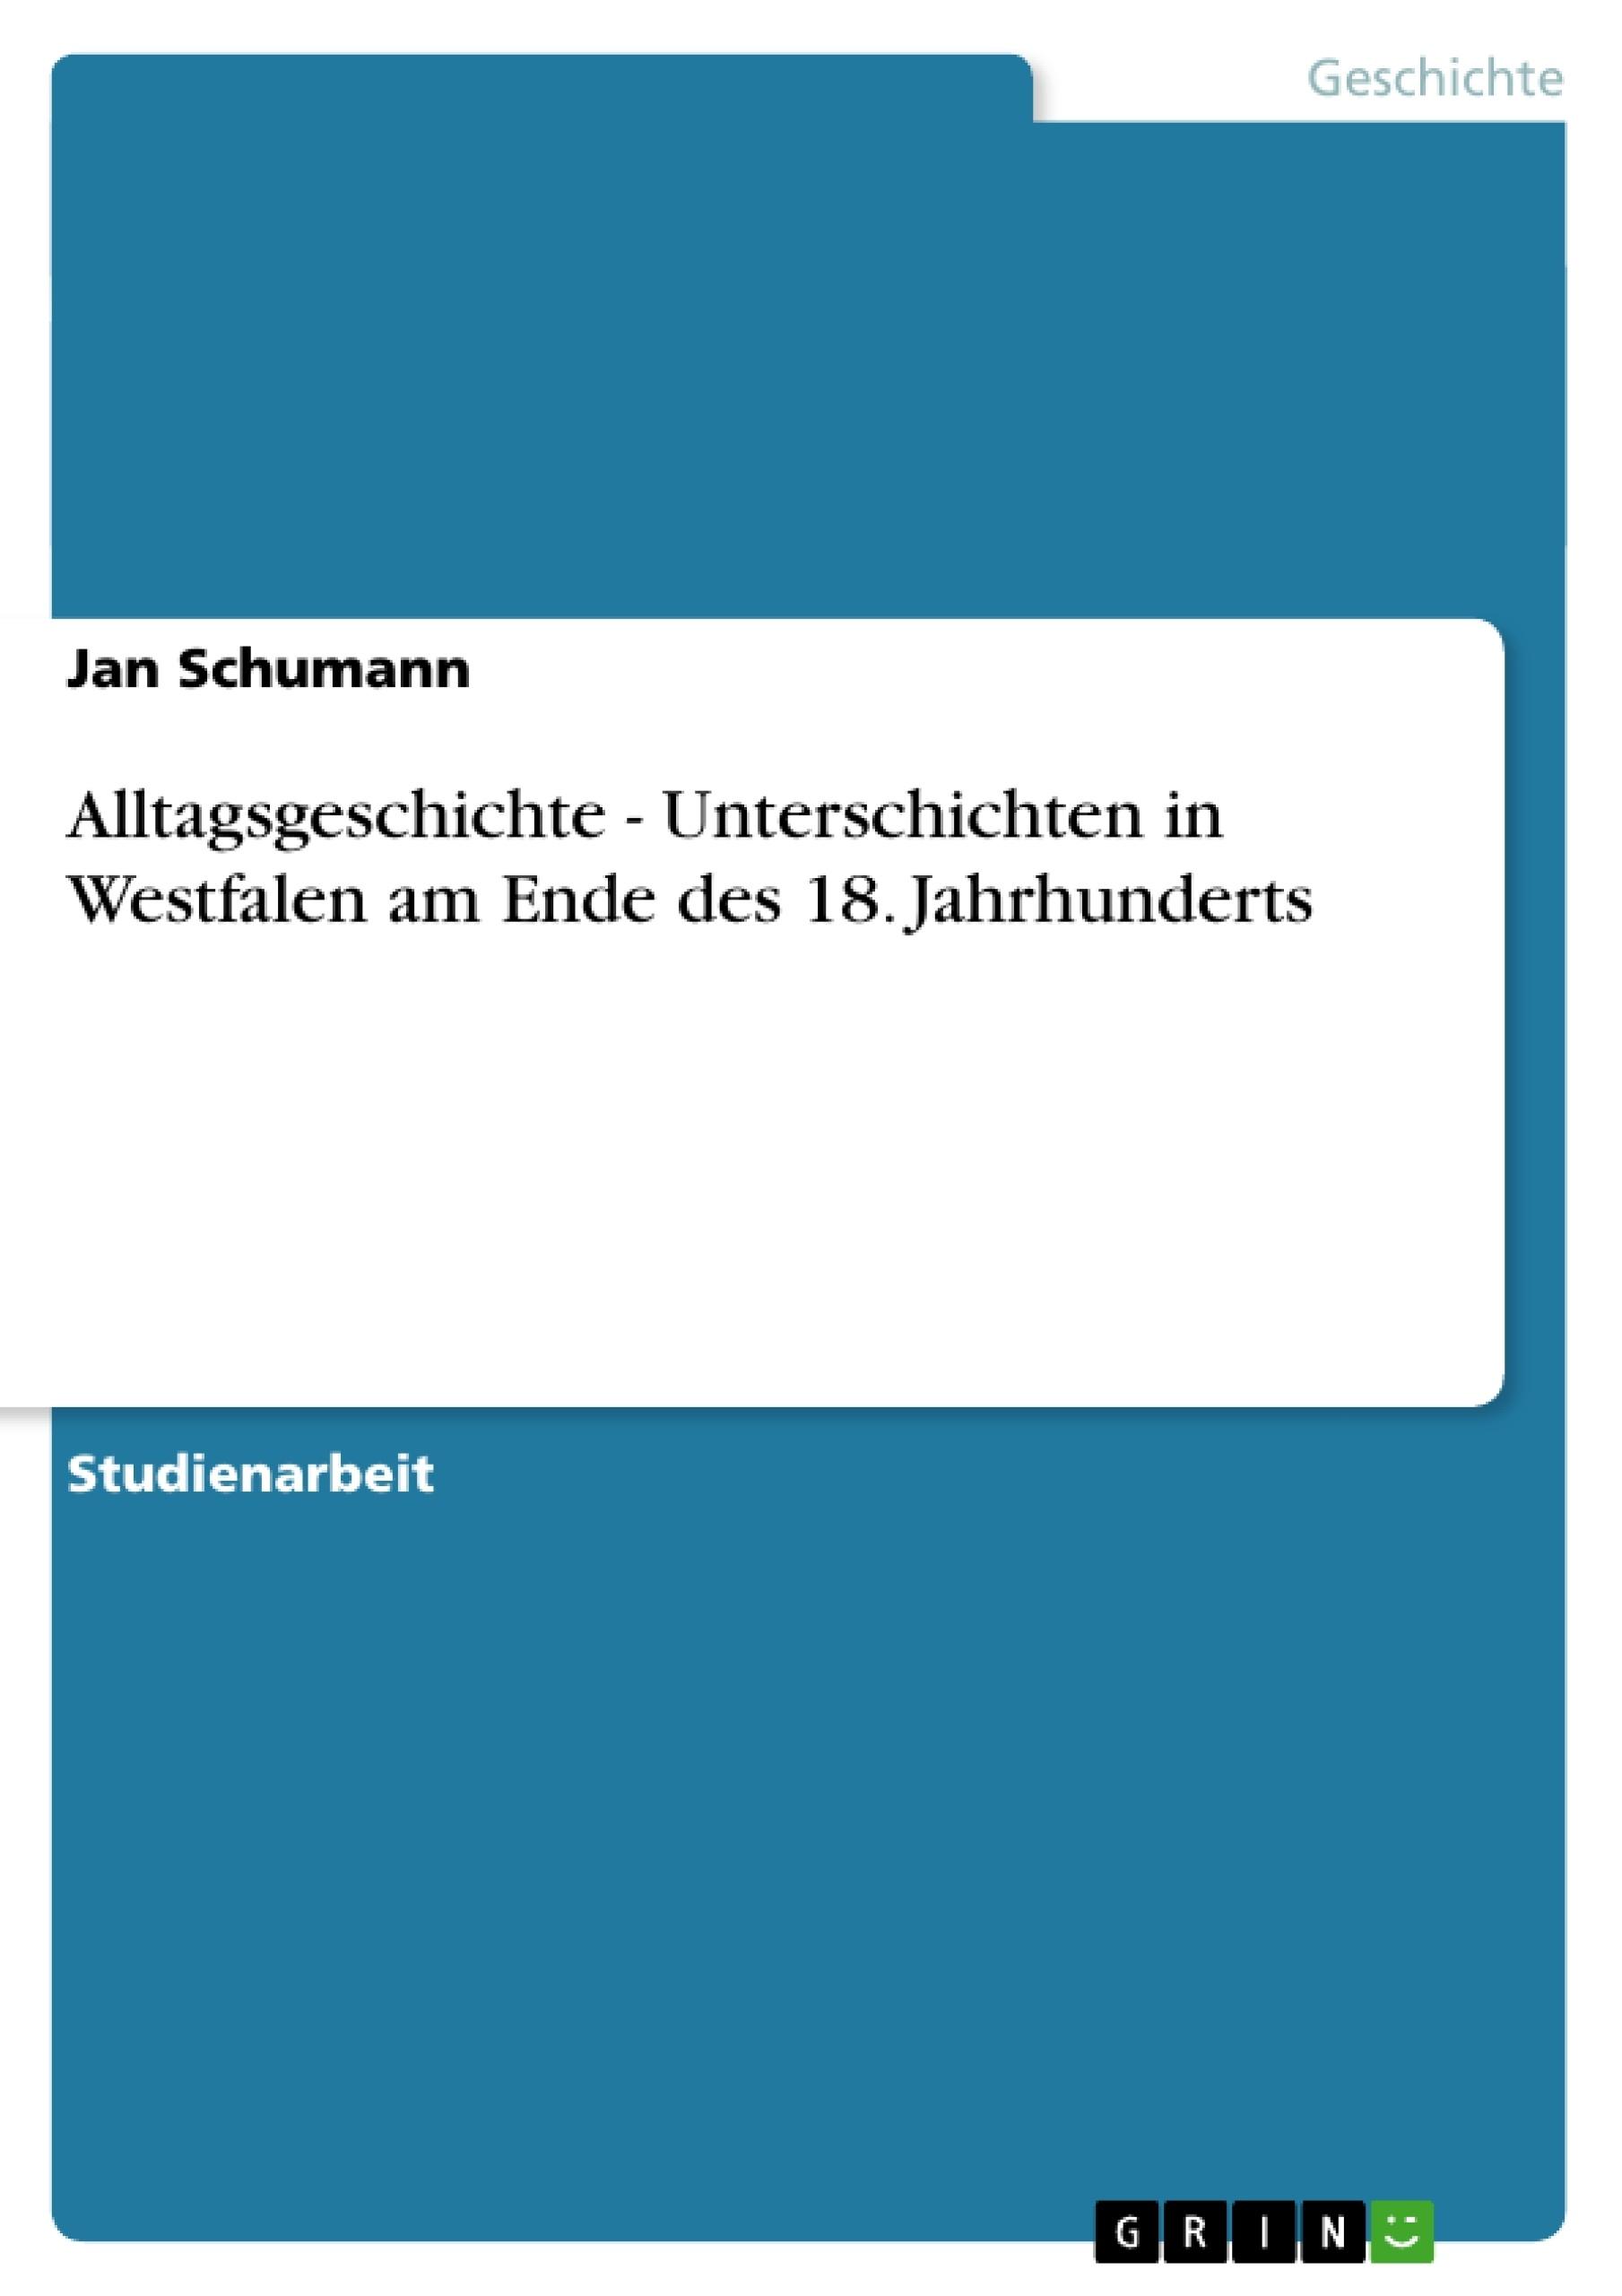 Titel: Alltagsgeschichte - Unterschichten in Westfalen am Ende des 18. Jahrhunderts